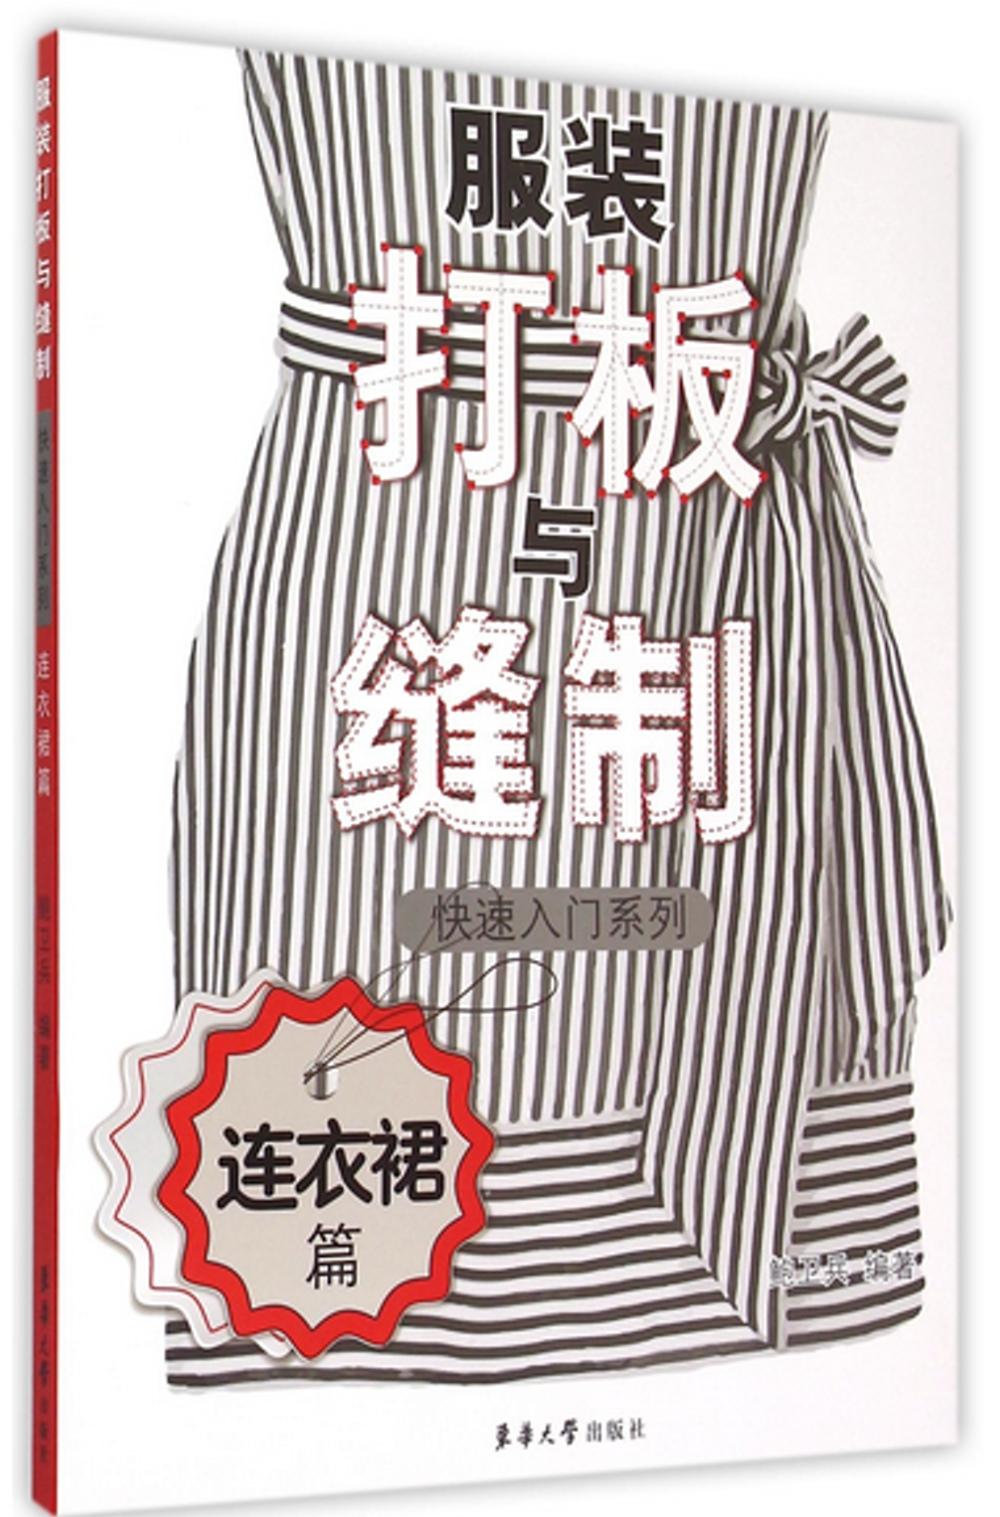 服裝打板與縫制 入門系列(連衣裙篇)